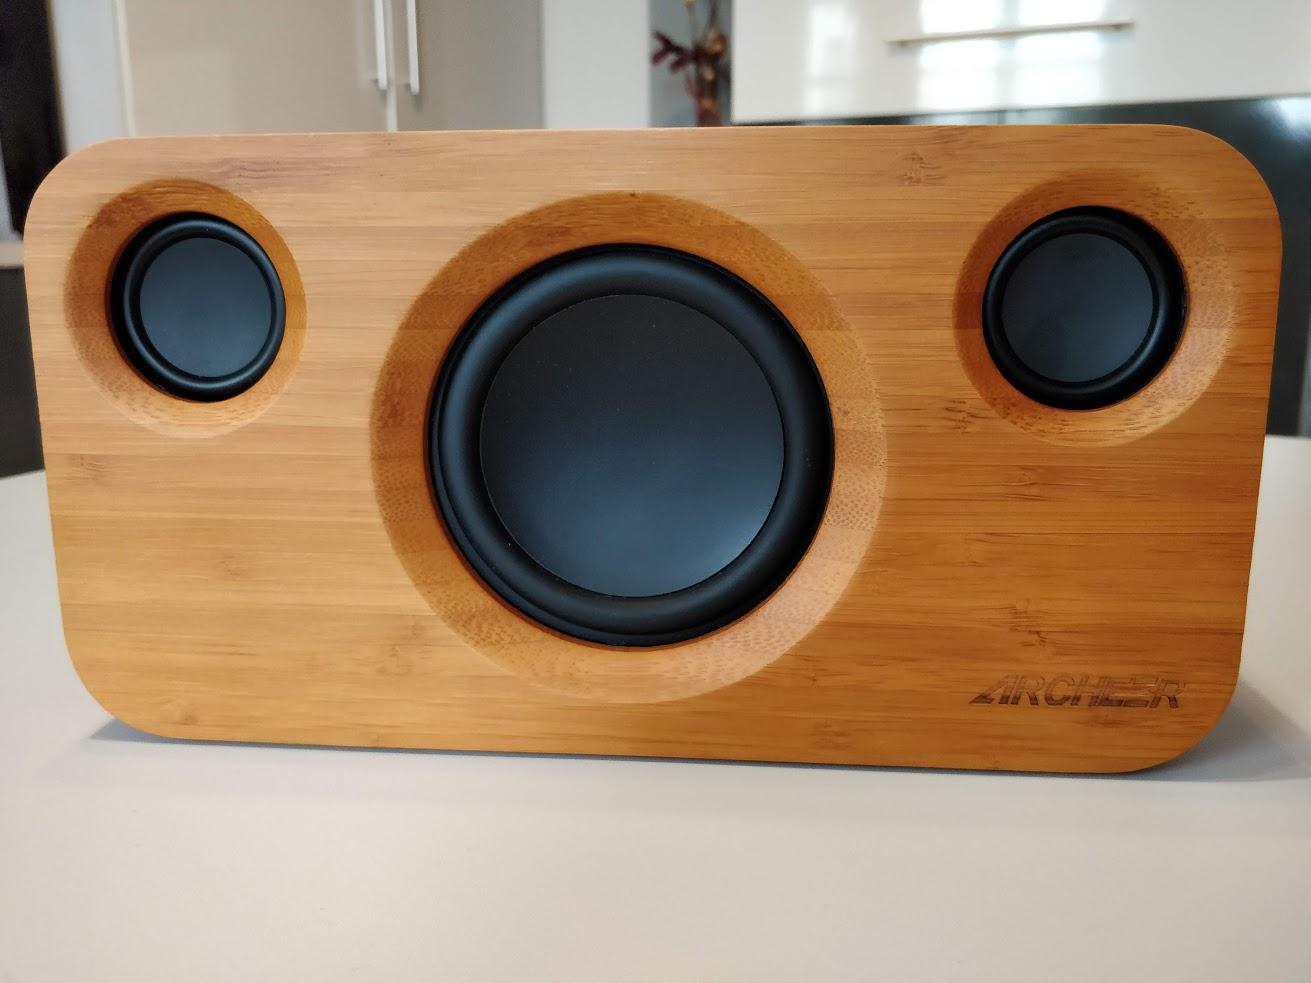 archeer-a320-bluetooth-speaker-5